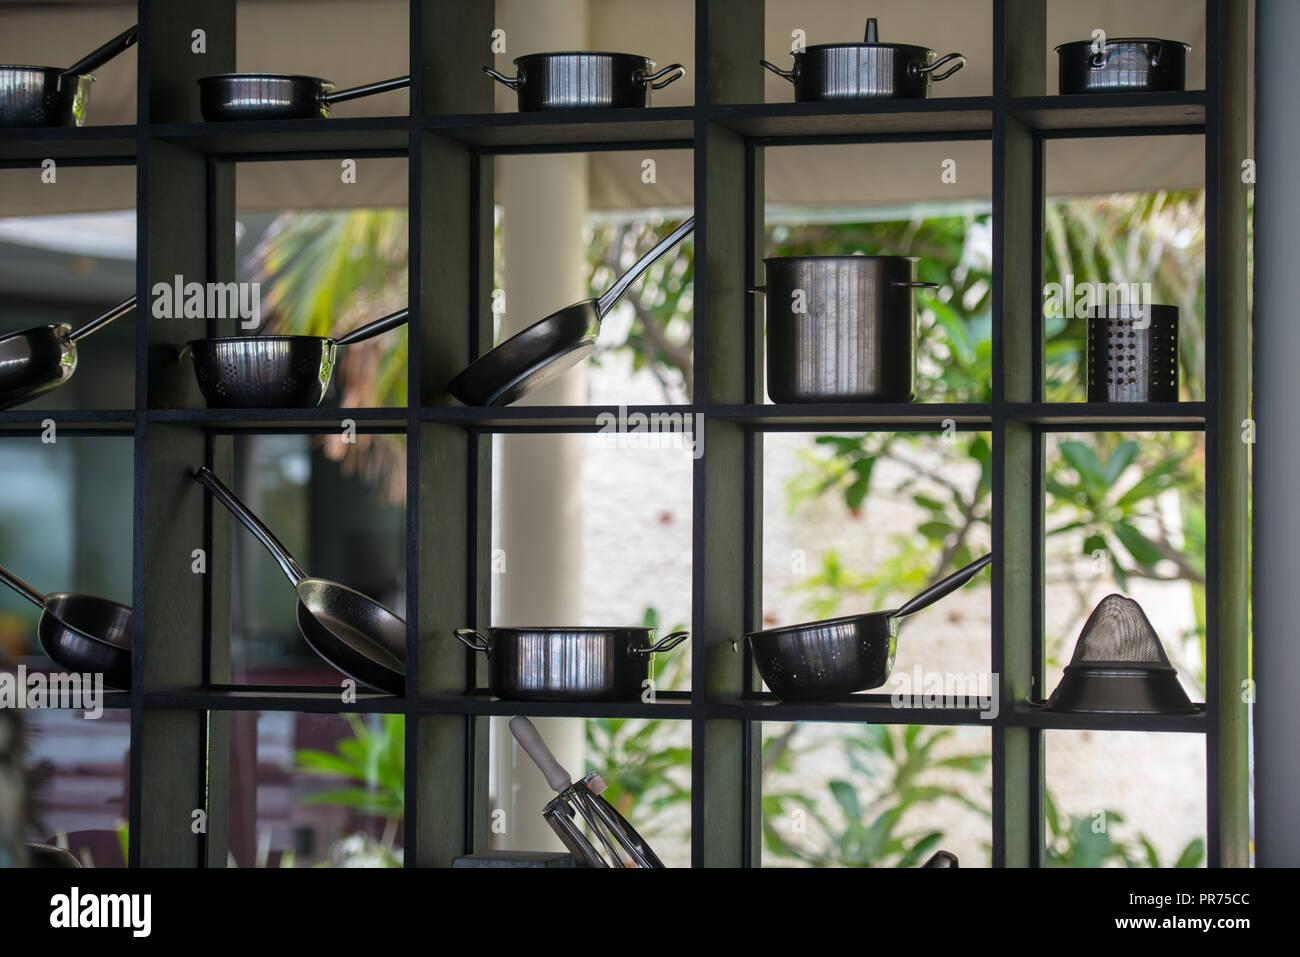 Outdoor Küche Deko : Modernes restaurant outdoor küche kochgeschirr dekoration